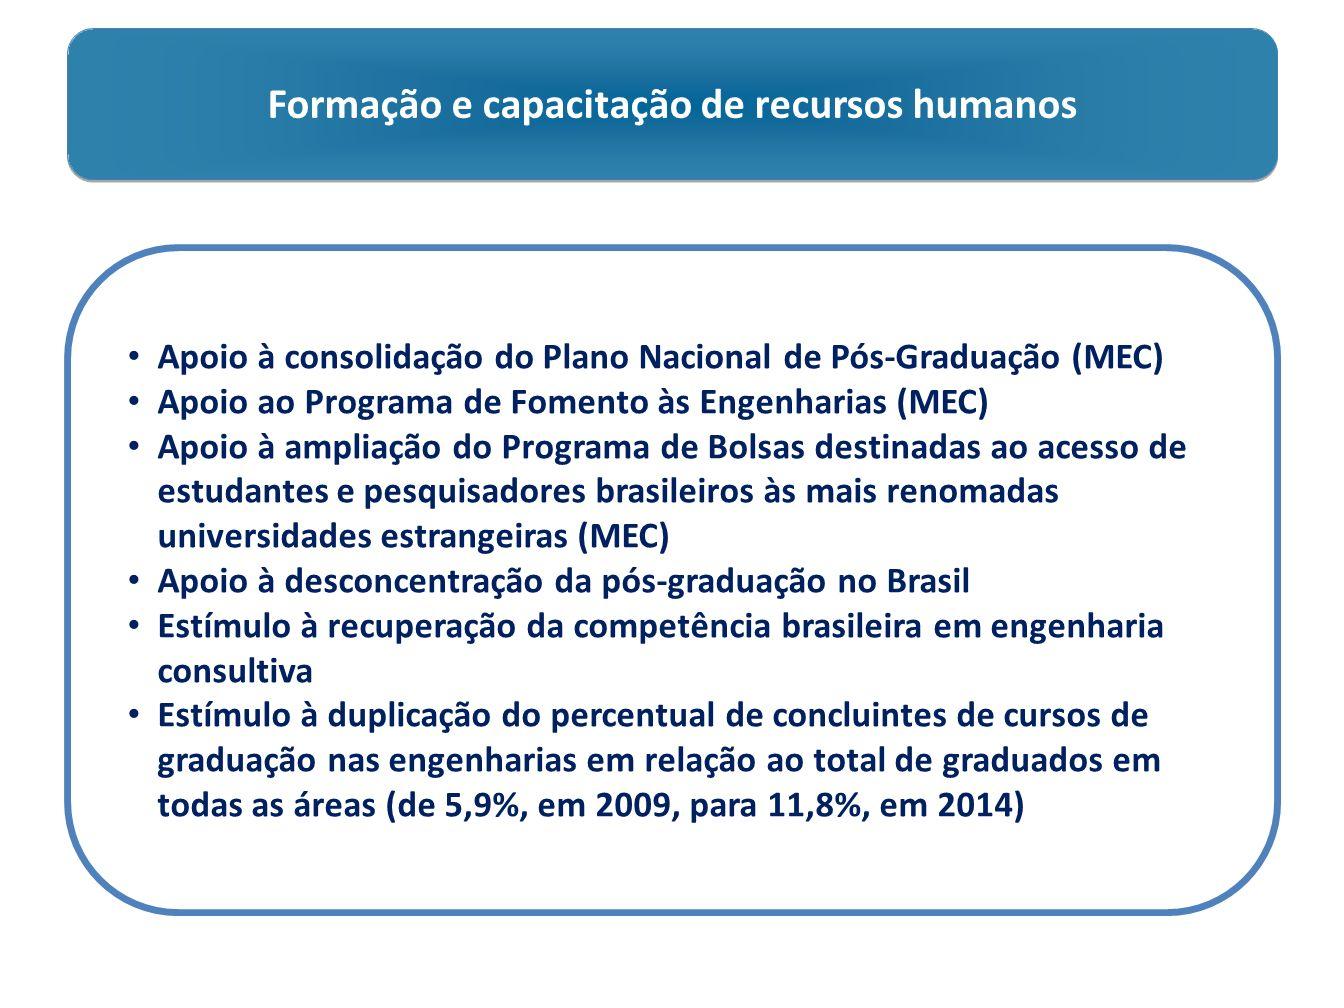 Formação e capacitação de recursos humanos Apoio à consolidação do Plano Nacional de Pós-Graduação (MEC) Apoio ao Programa de Fomento às Engenharias (